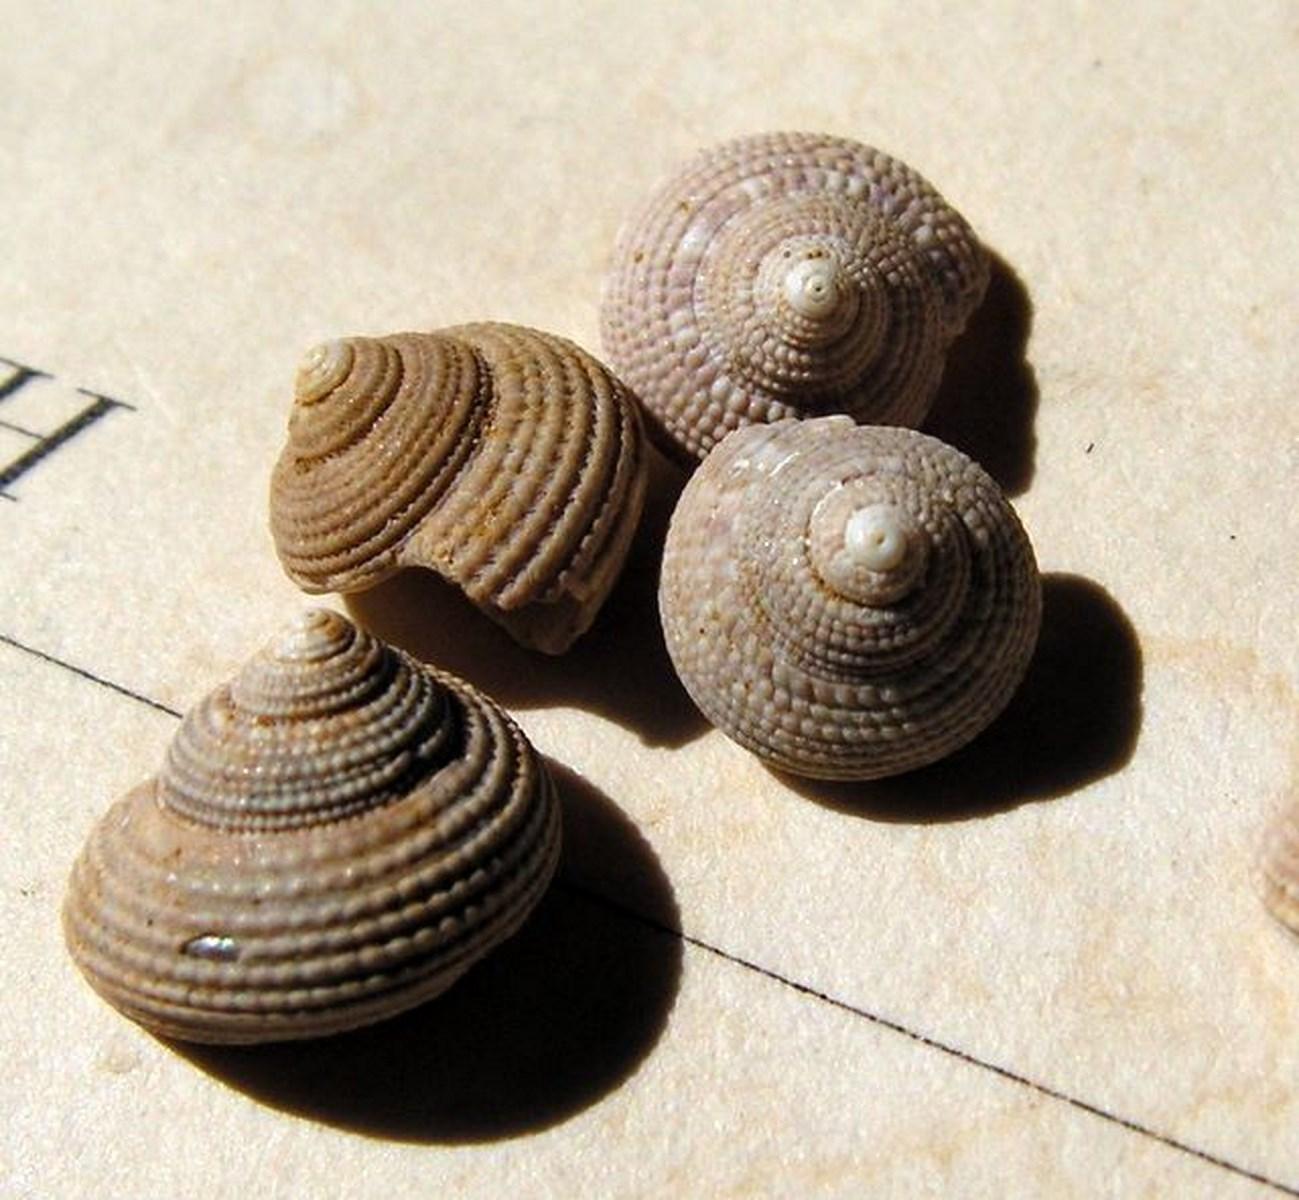 Trochidae - † Clanculus araonis (Basterot, 1825) - Burdigalien Clanara2